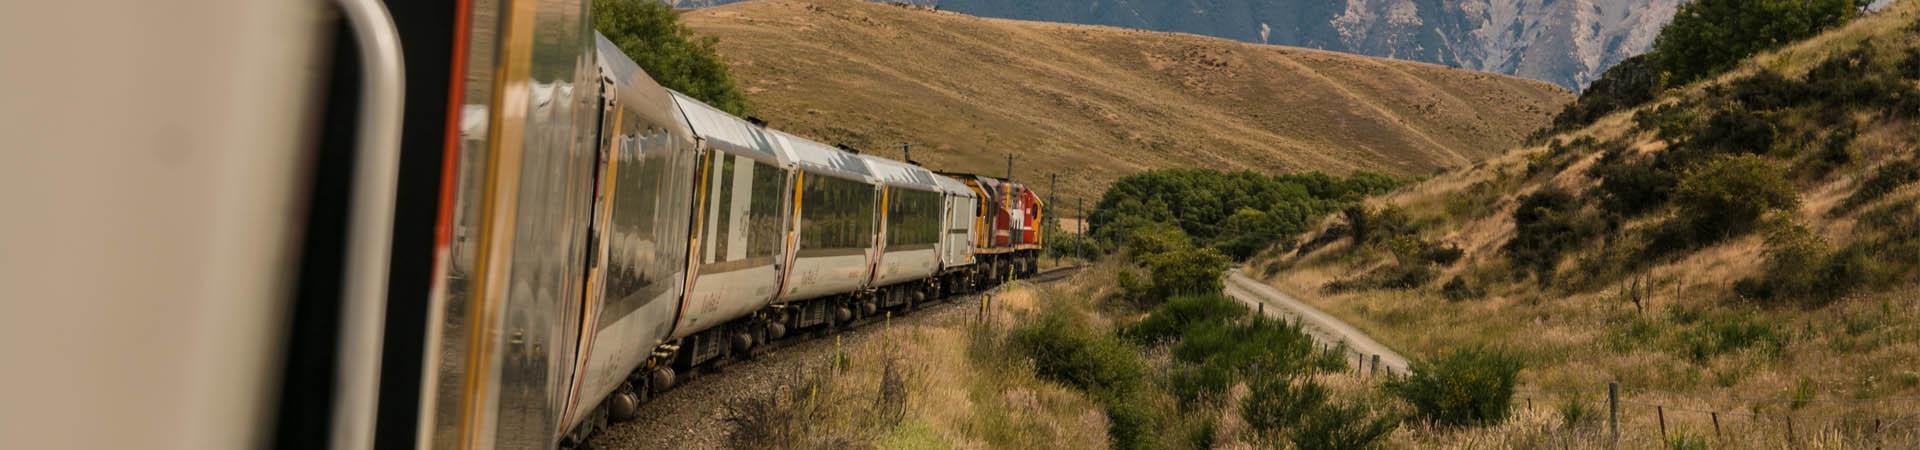 تور آنکارا با قطار